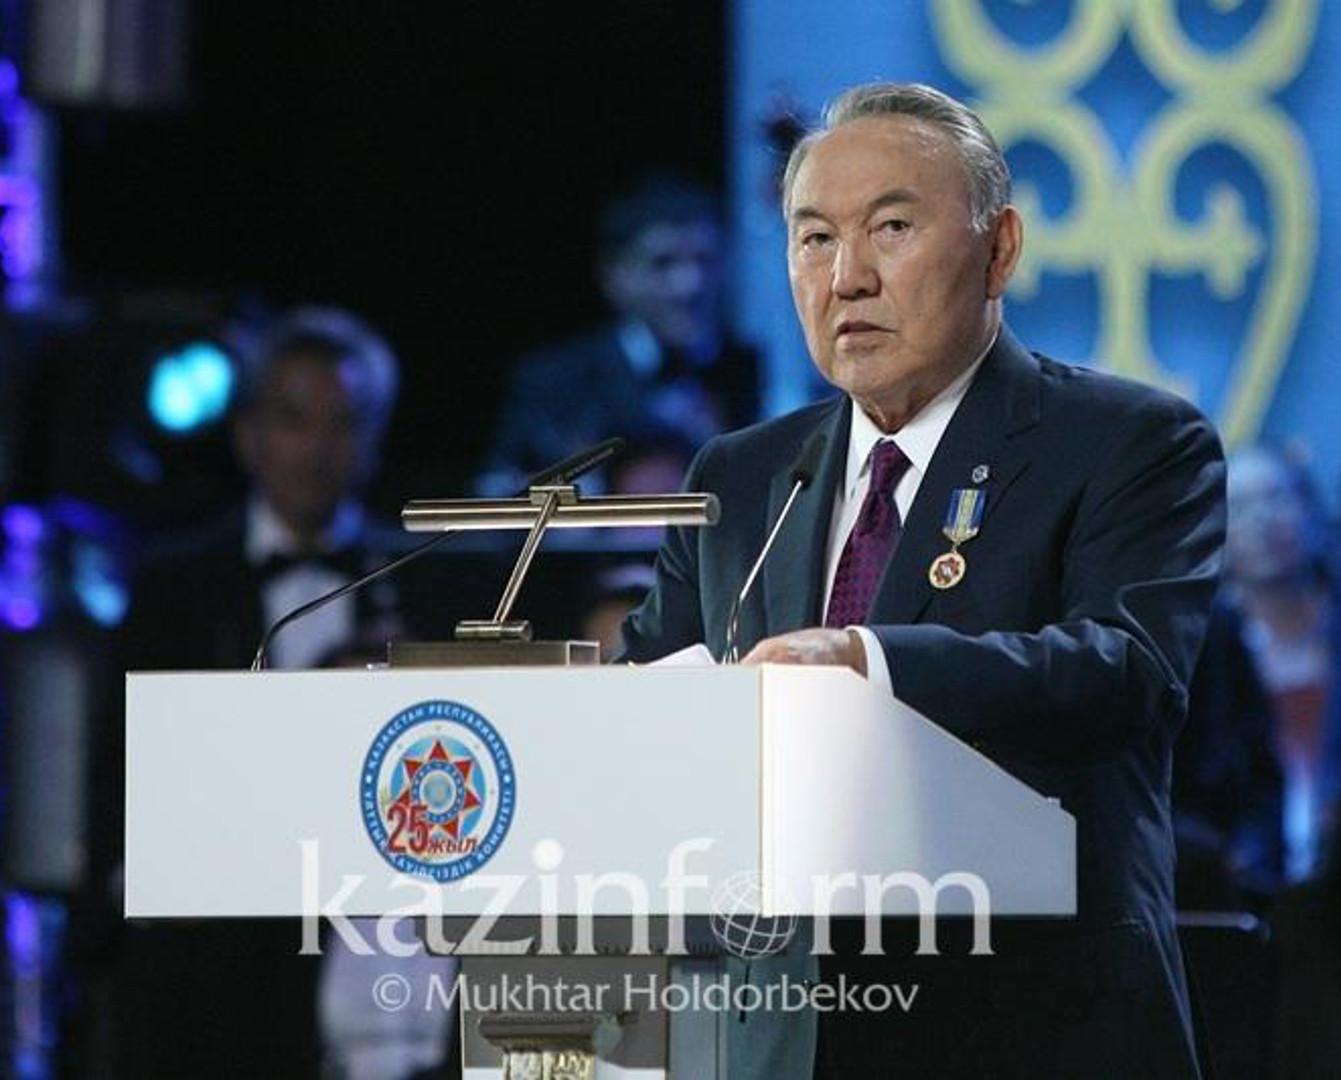 UQK kórinbeıtin maıdanda elimiz úshin abyroıly jumys atqarýda - Nursultan Nazarbaev